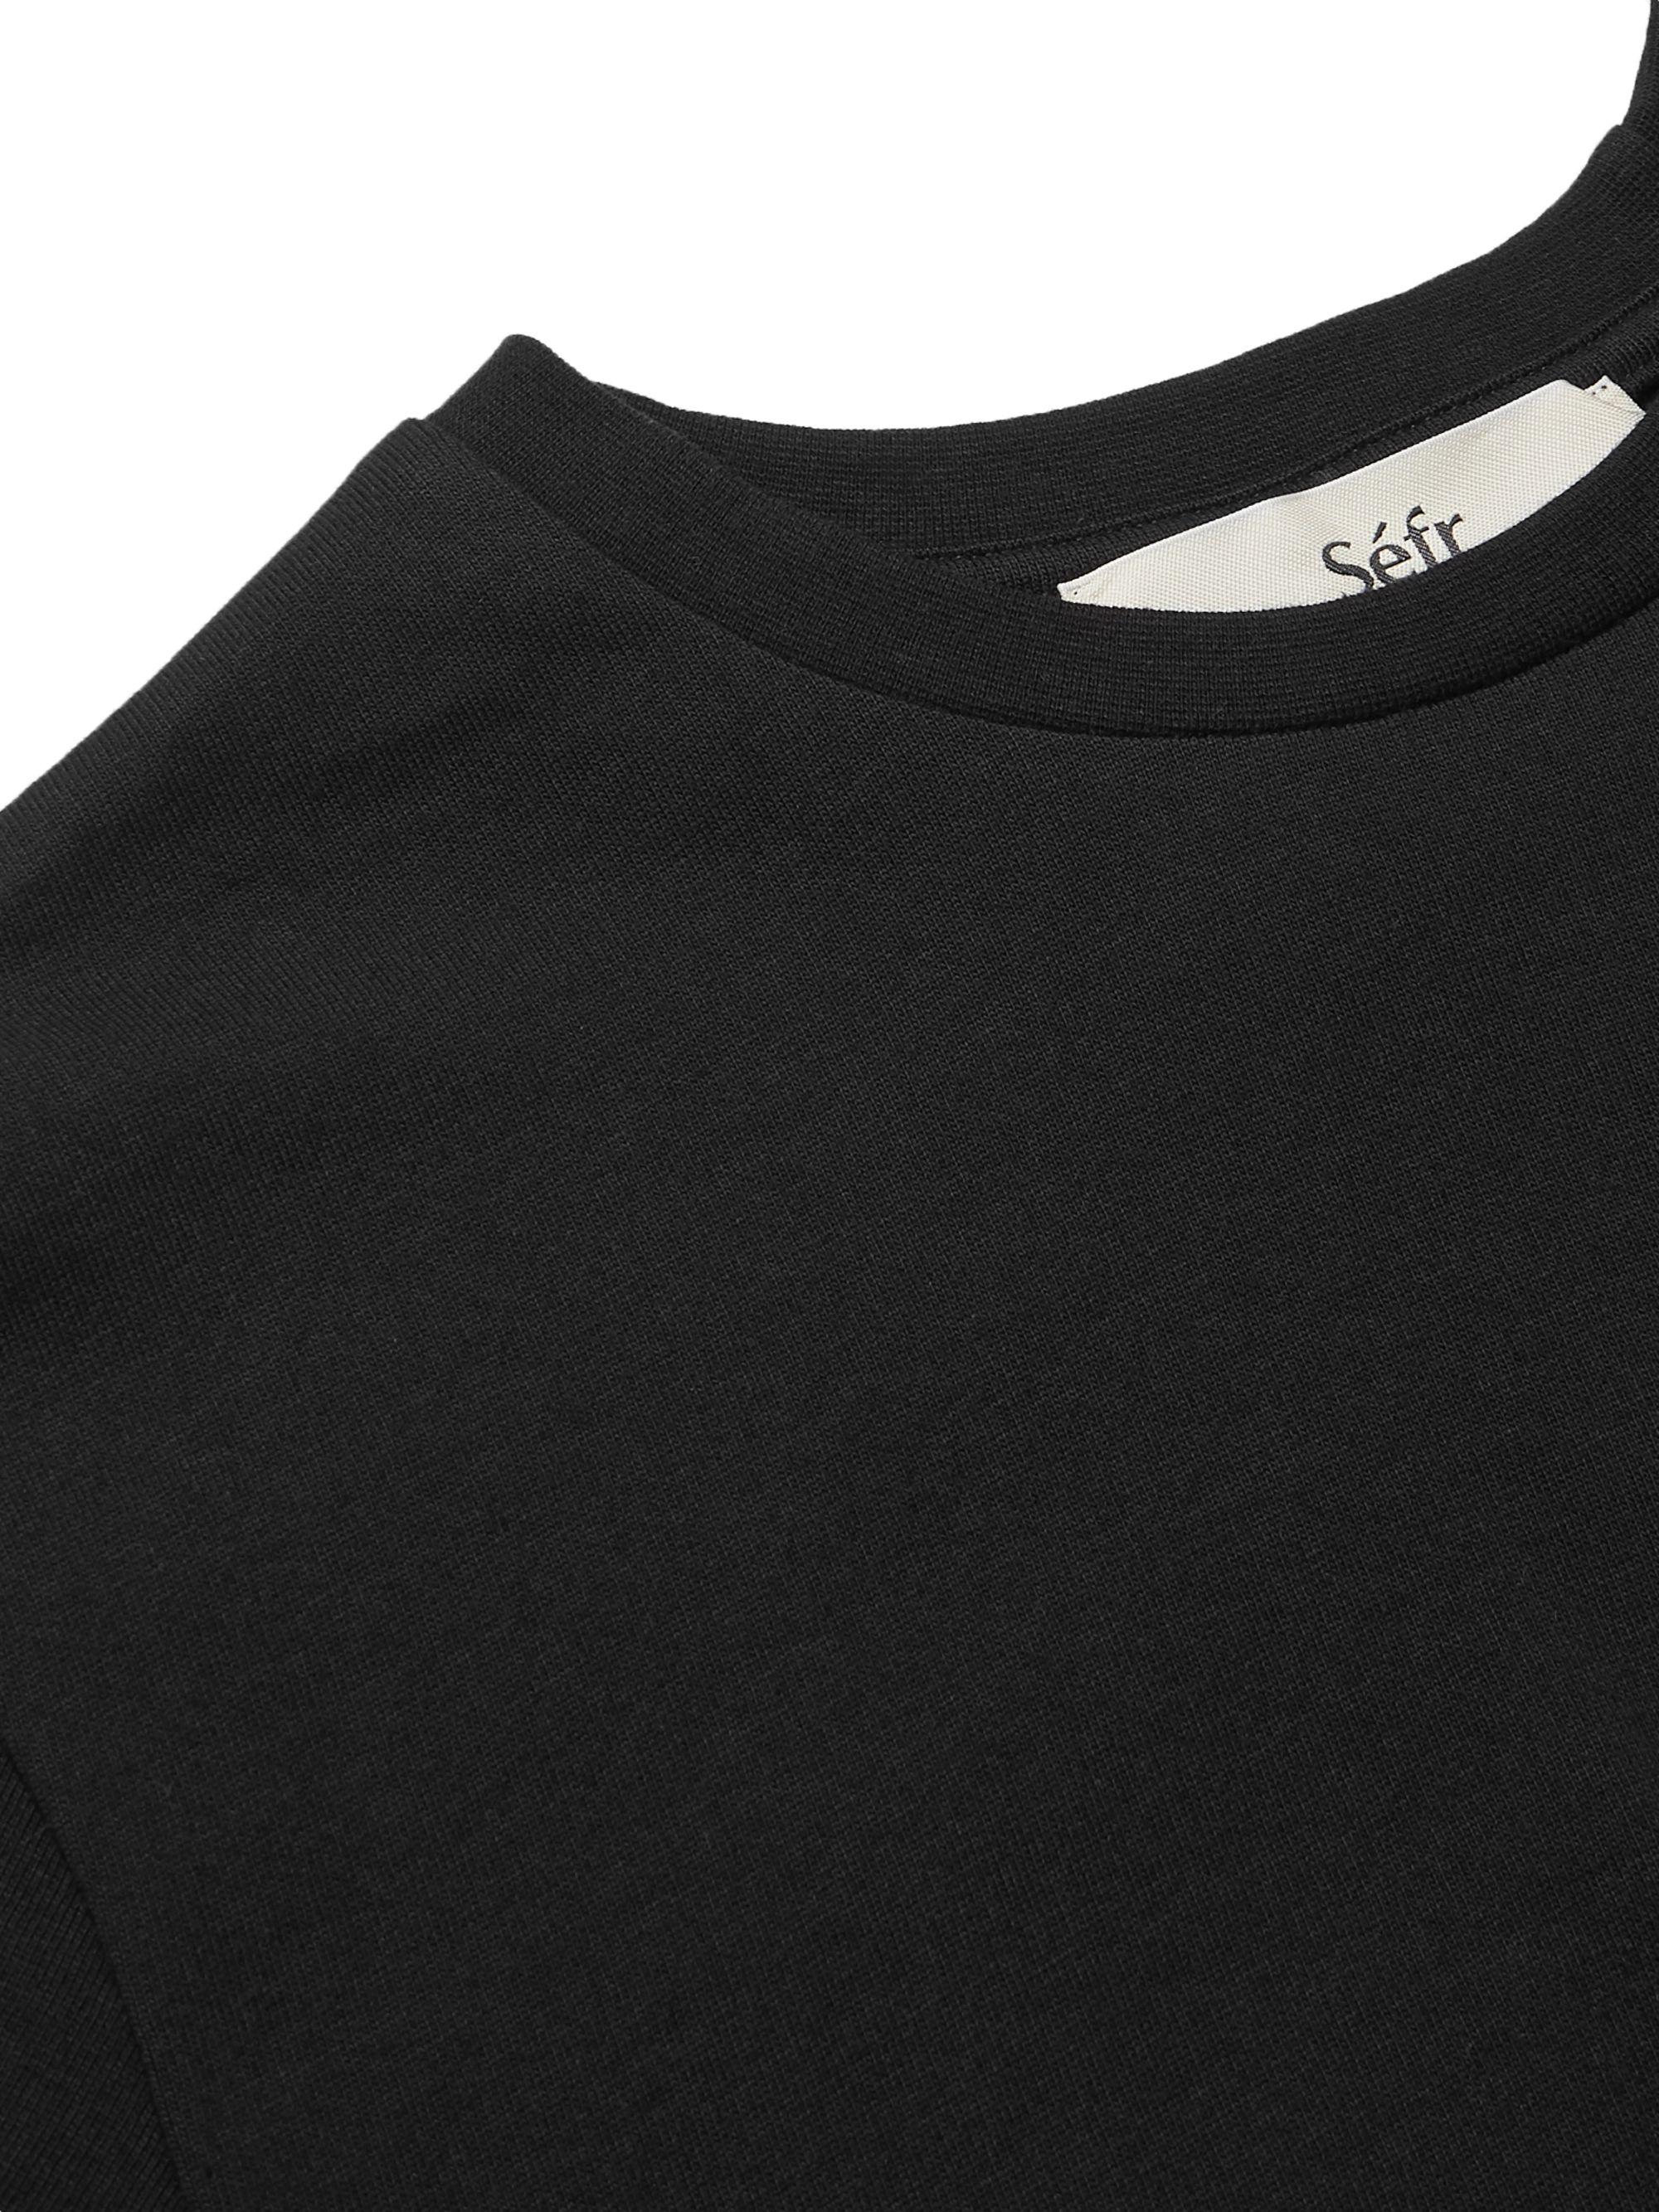 Black Clin Cotton-jersey T-shirt   Séfr